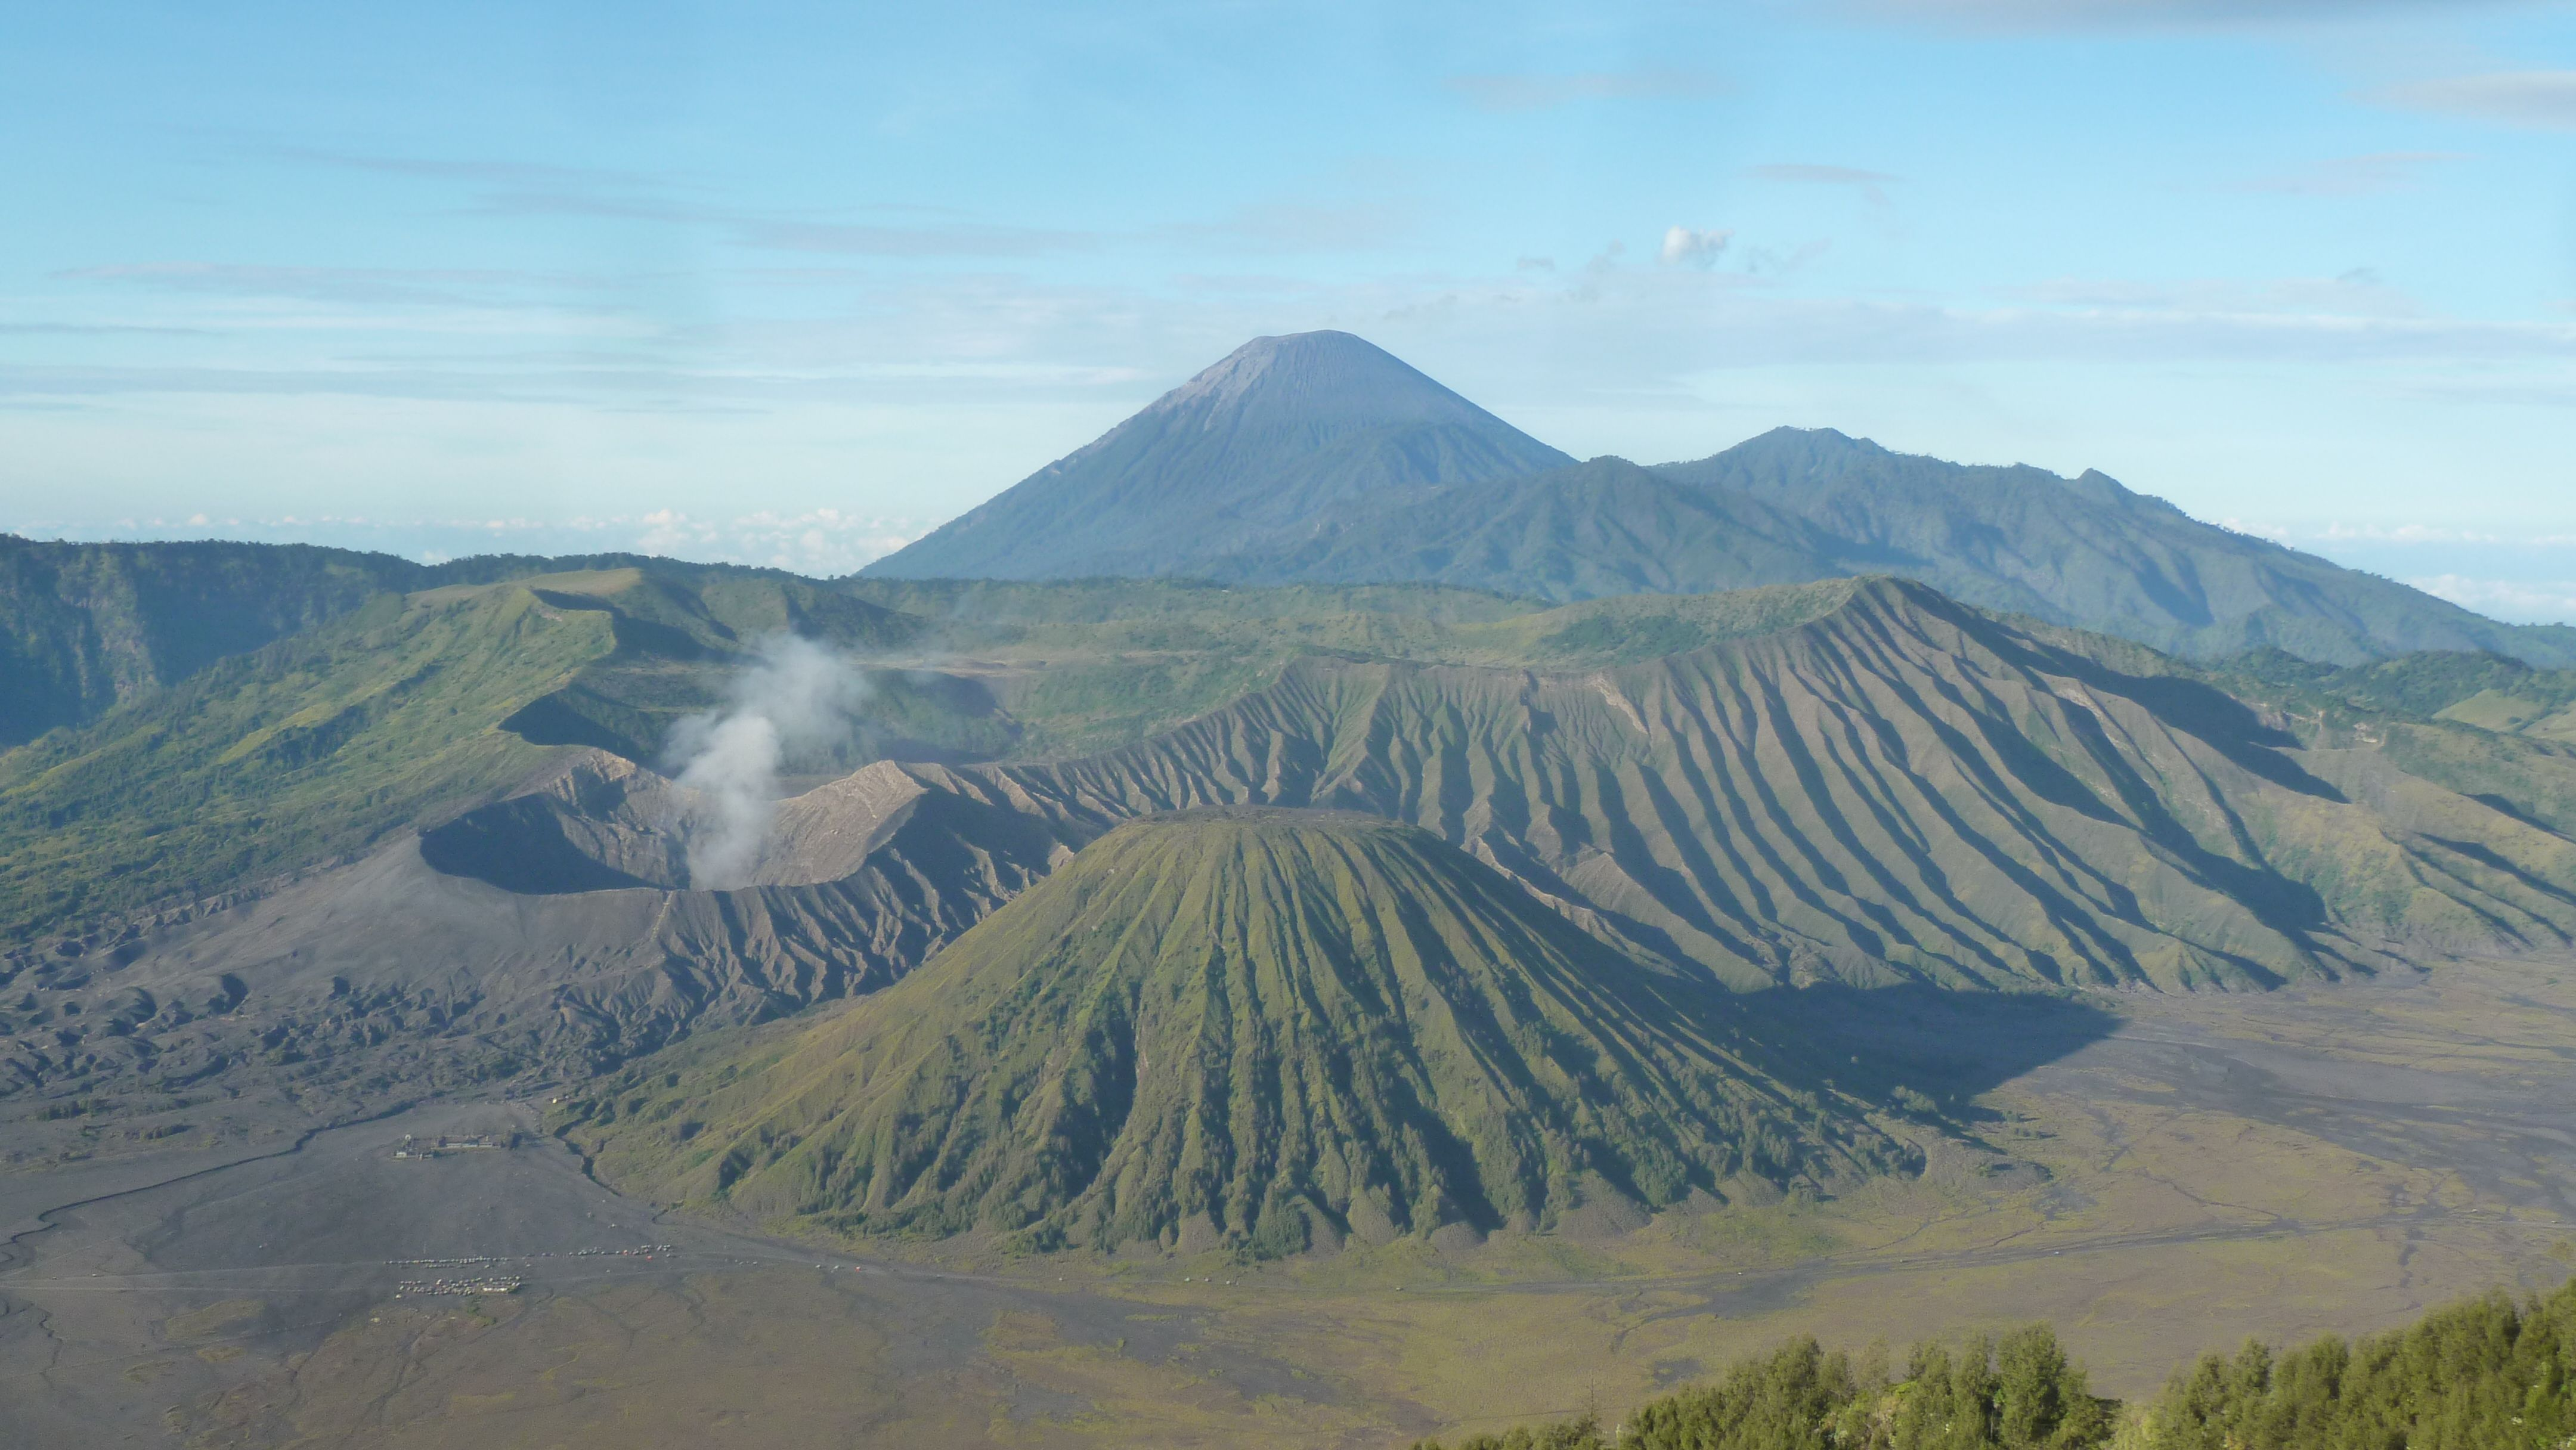 Gunung Bromo terletak di kawasan taman nasional Bromo Semeru. Foto diambil dari puncak Penanjakan dengan pemandangan Gunung Bromo, Batok, Semeru.